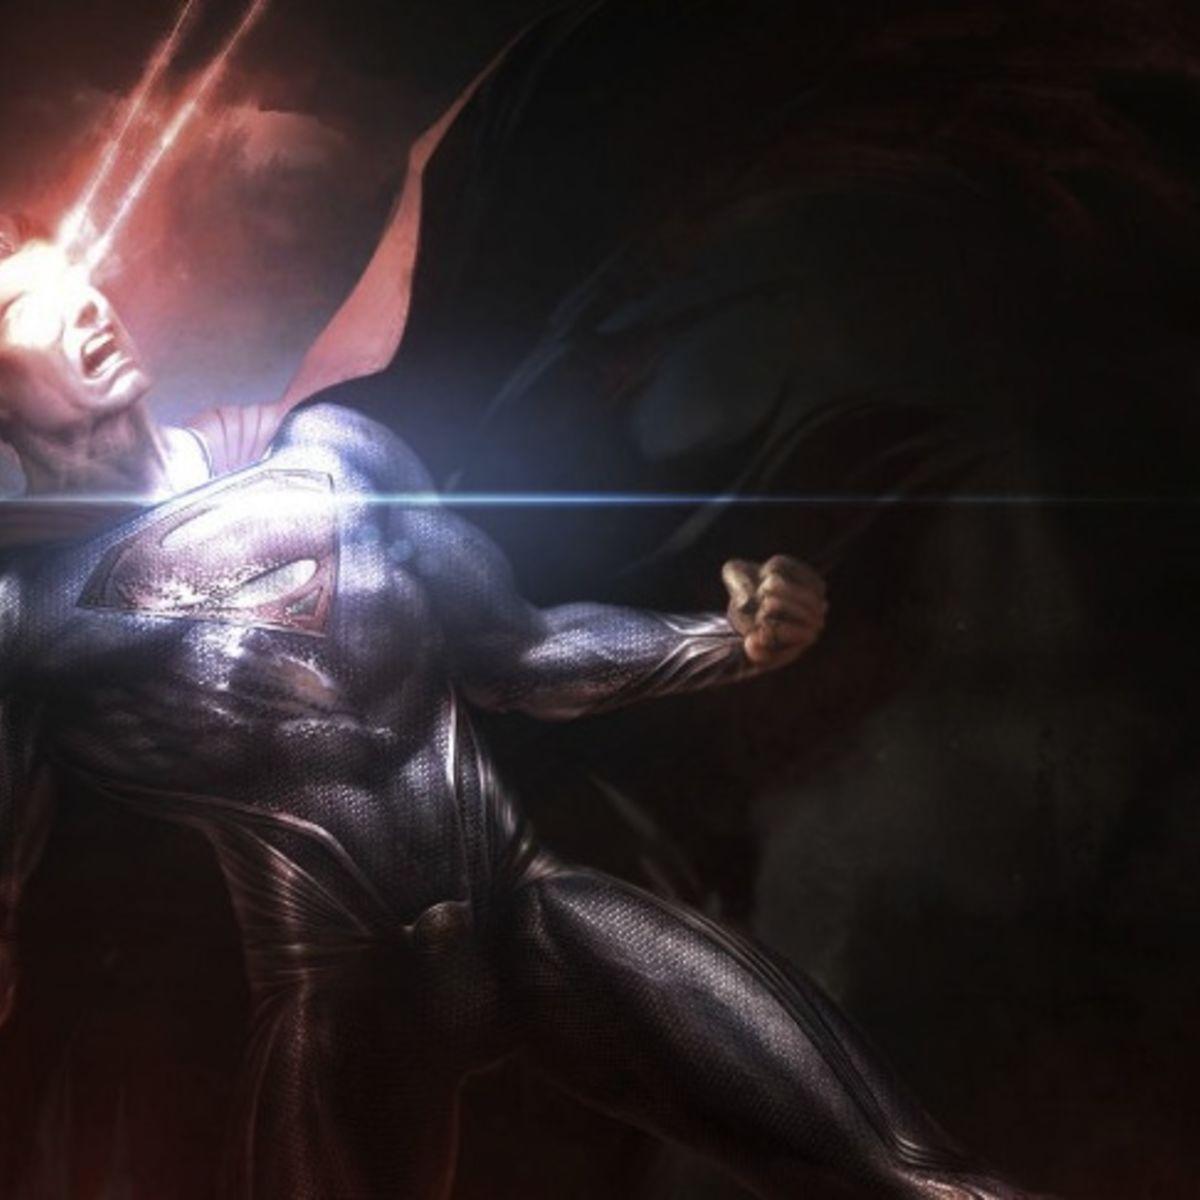 zman-of-steel-henry-cavill-superman-concept-art-6.jpg